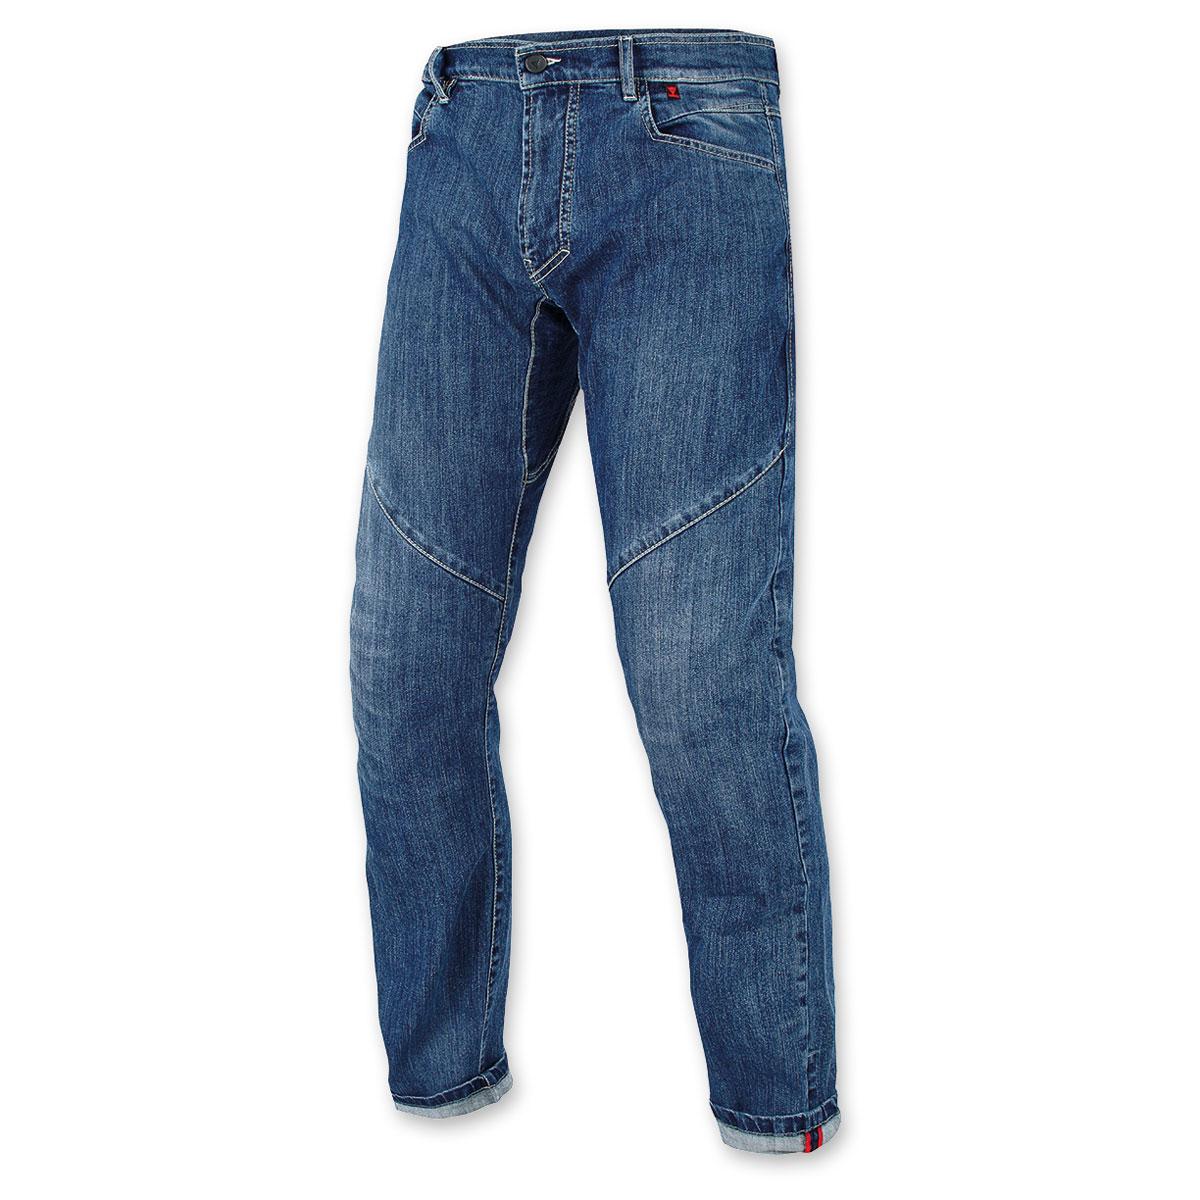 Dainese Men's Connect Blue Denim Jeans